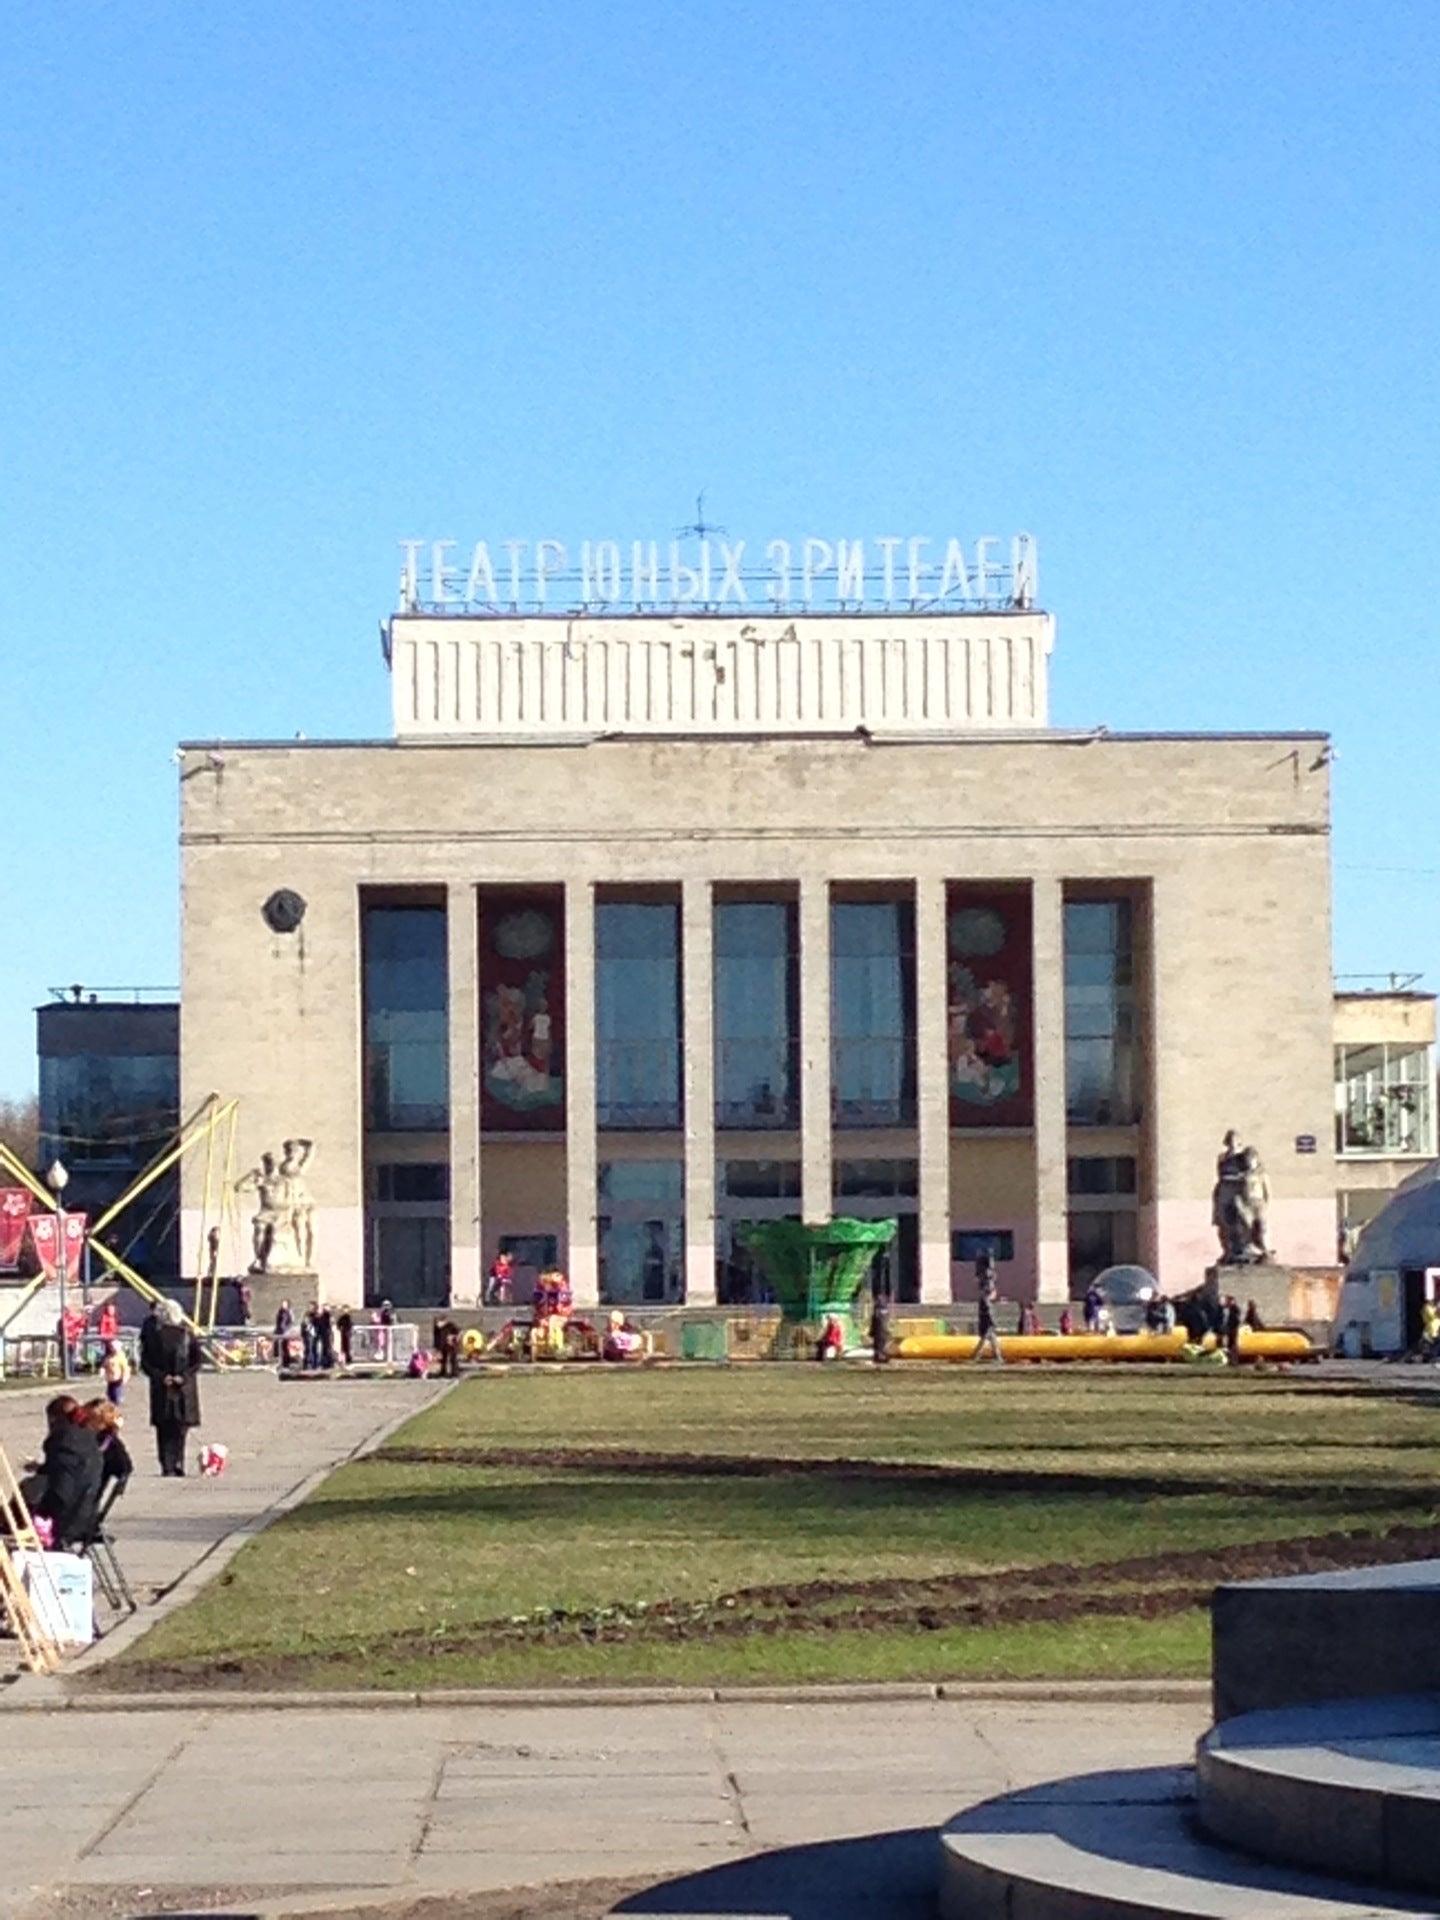 Театр юного зрителя екатеринбург официальный сайт афиша 2017 афиша концерт тодес в воронеже